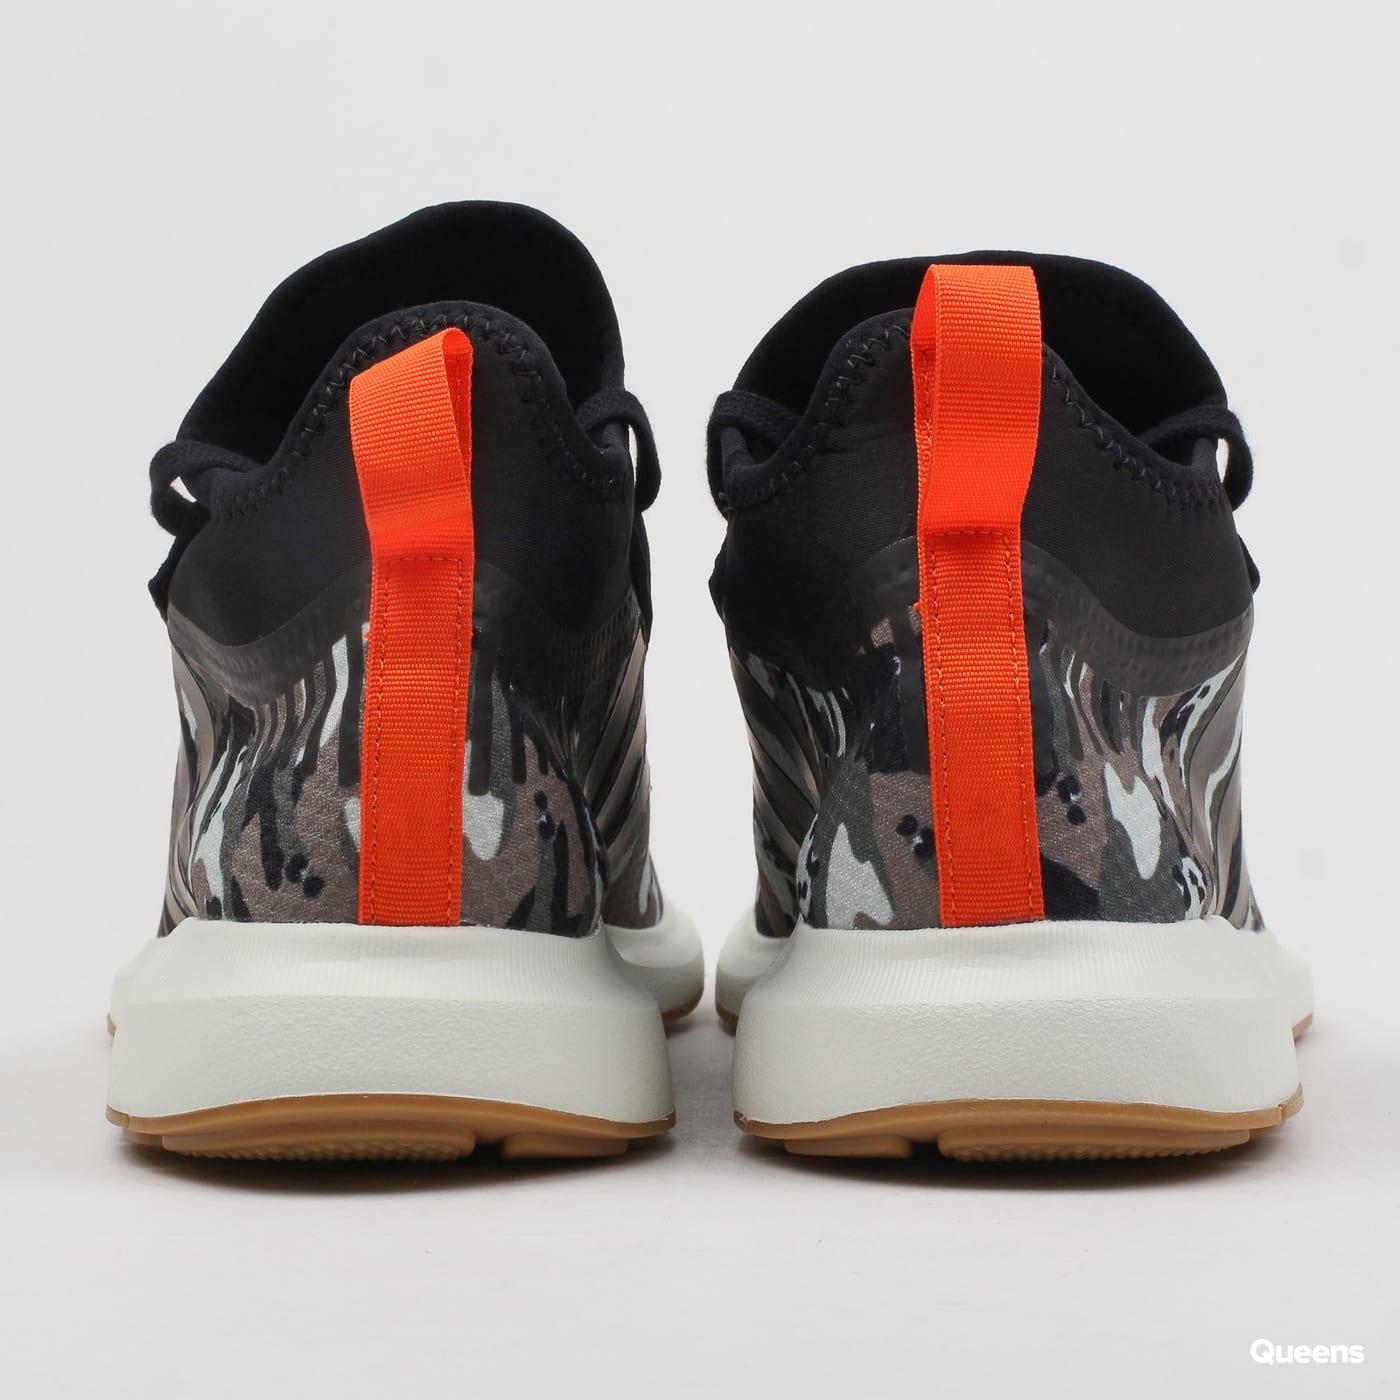 3304a261b8a17 Zoom in Zoom in Zoom in Zoom in Zoom in. adidas Originals Swift Run Barrier  ...